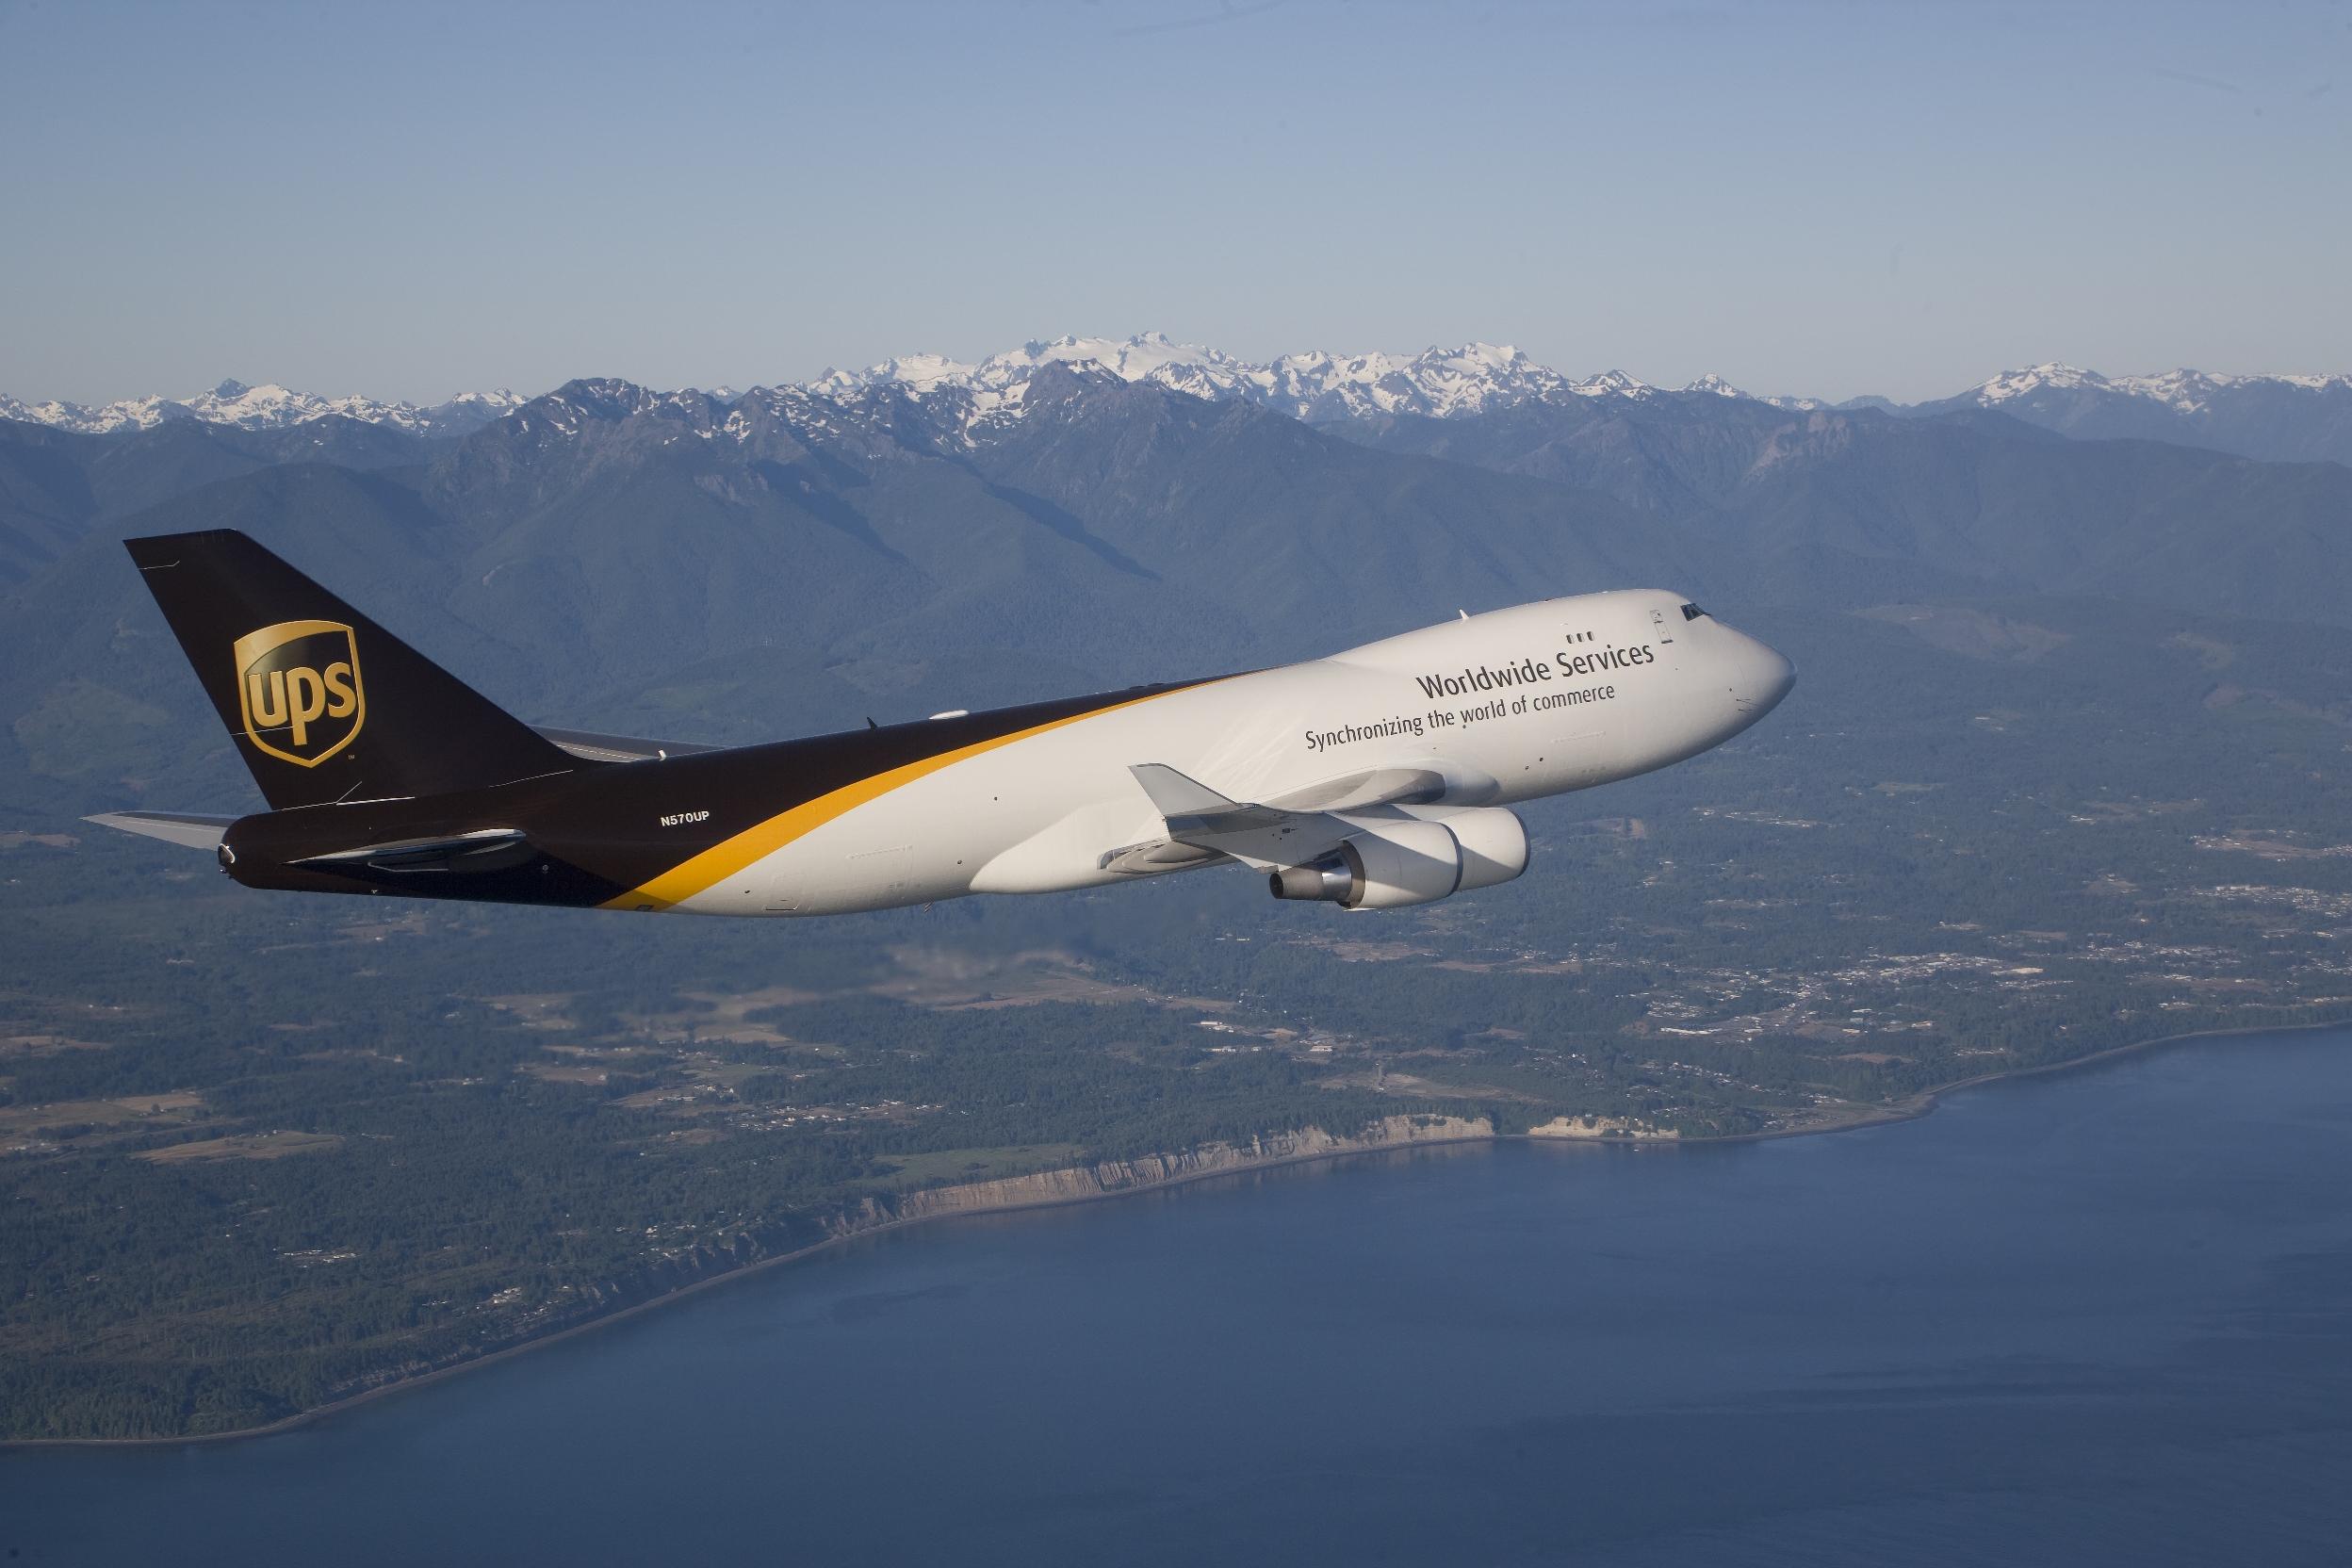 UPS Boeing 747-400F N570UP